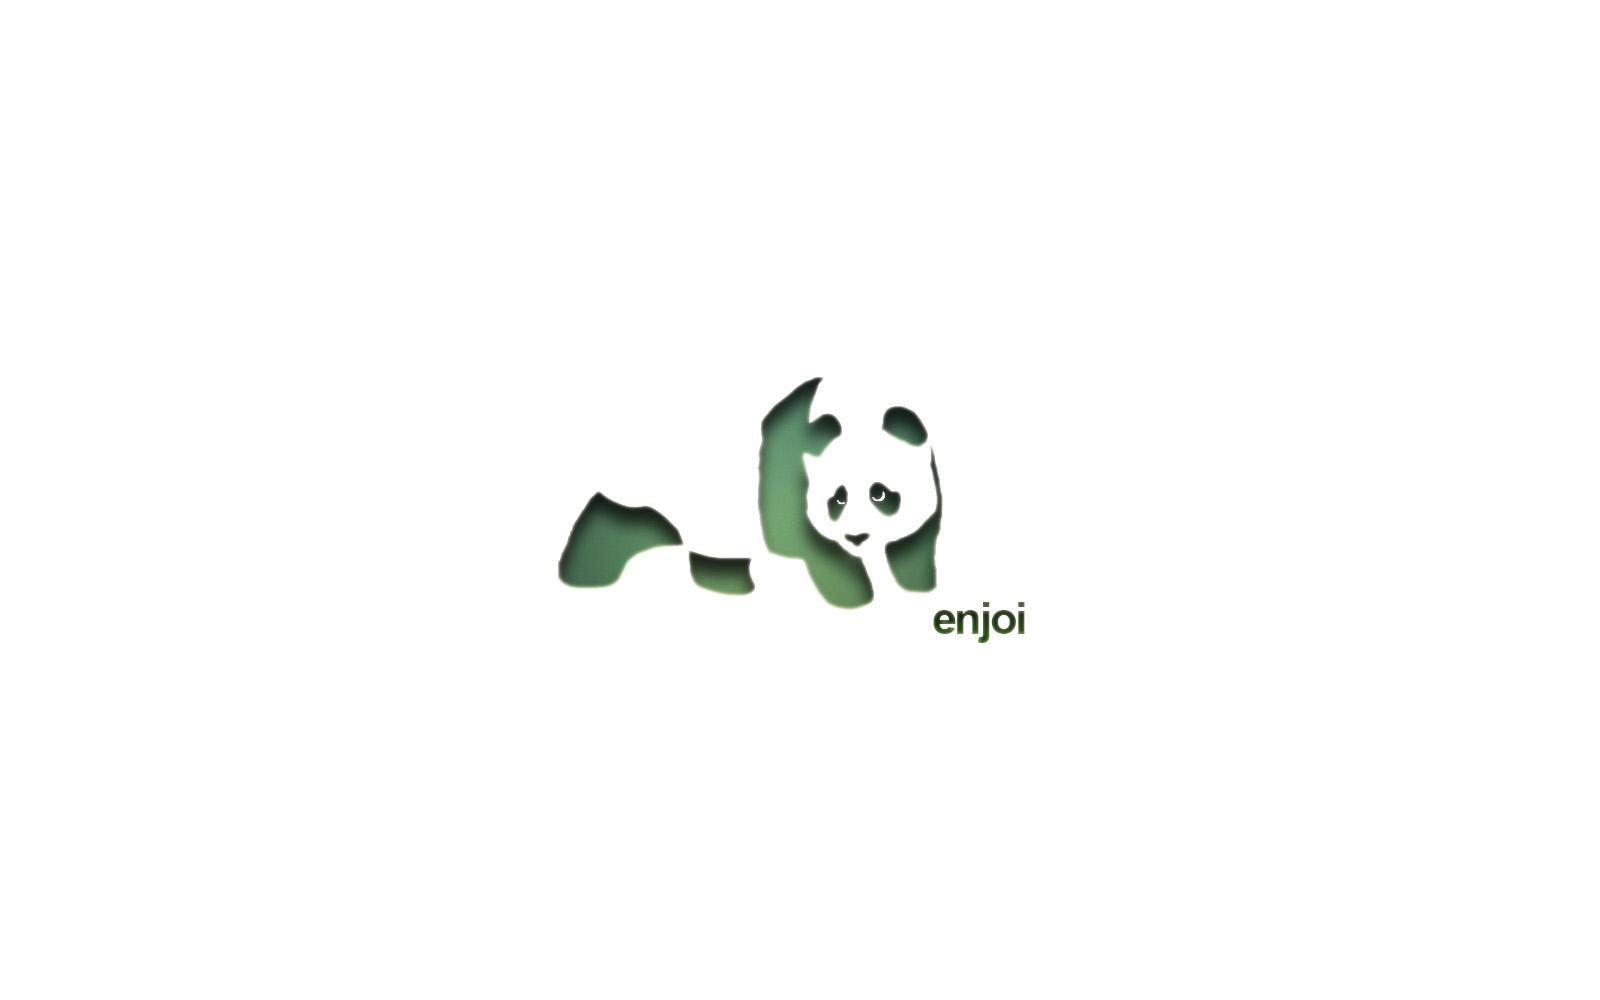 enjoi wallpaper